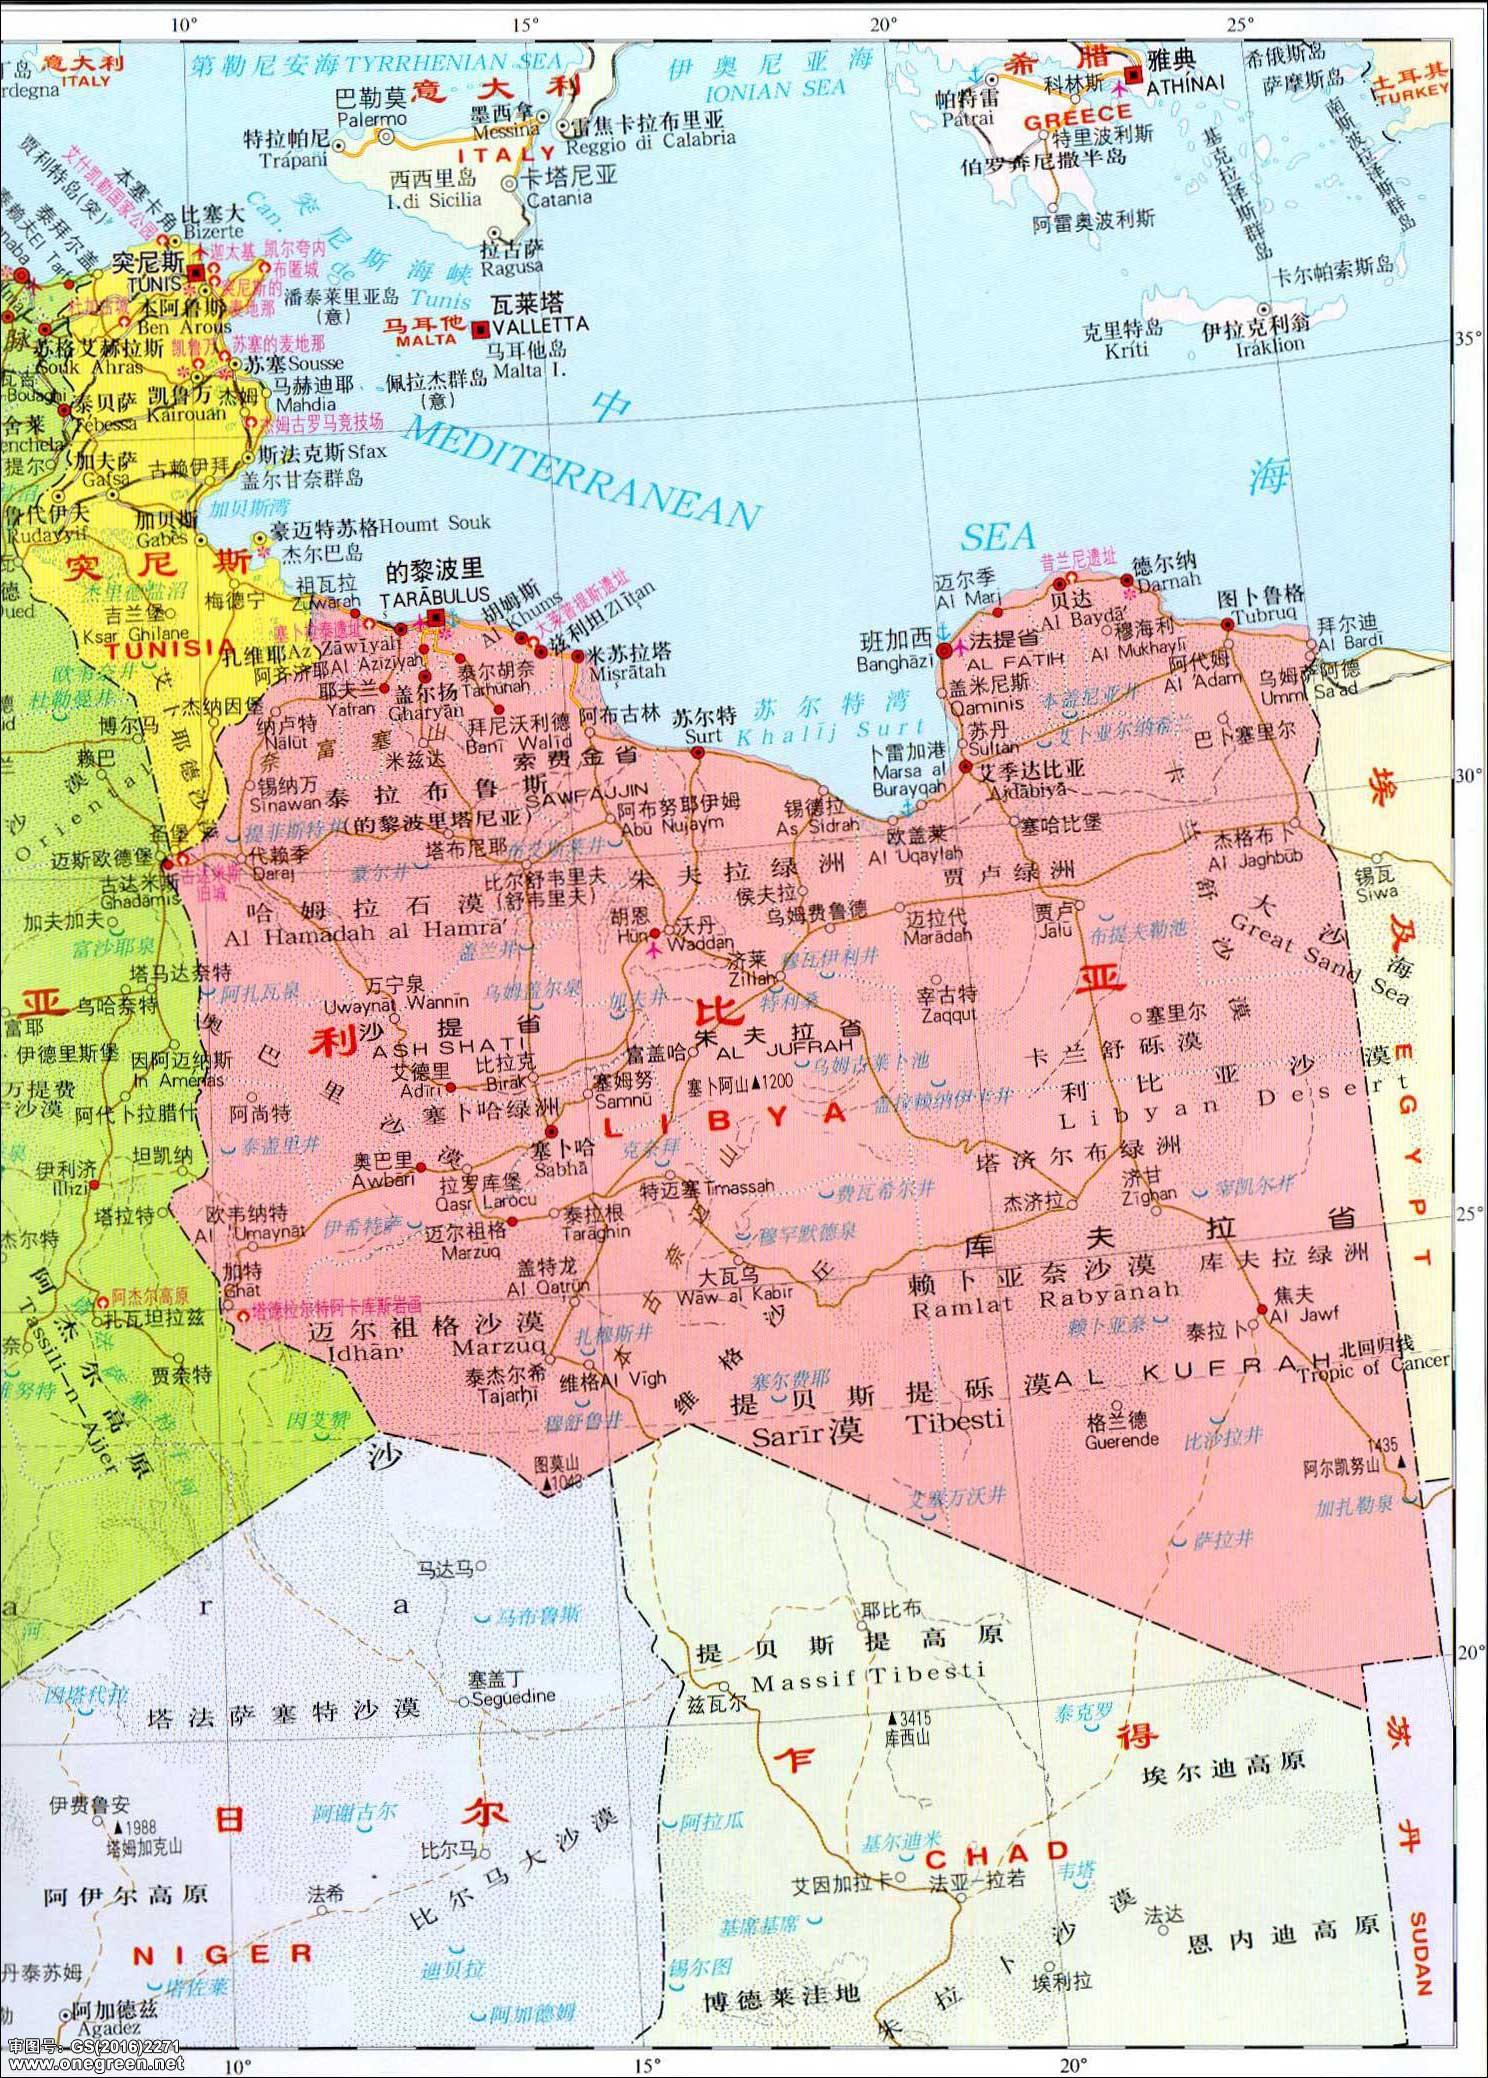 非洲东海岸红海沿岸